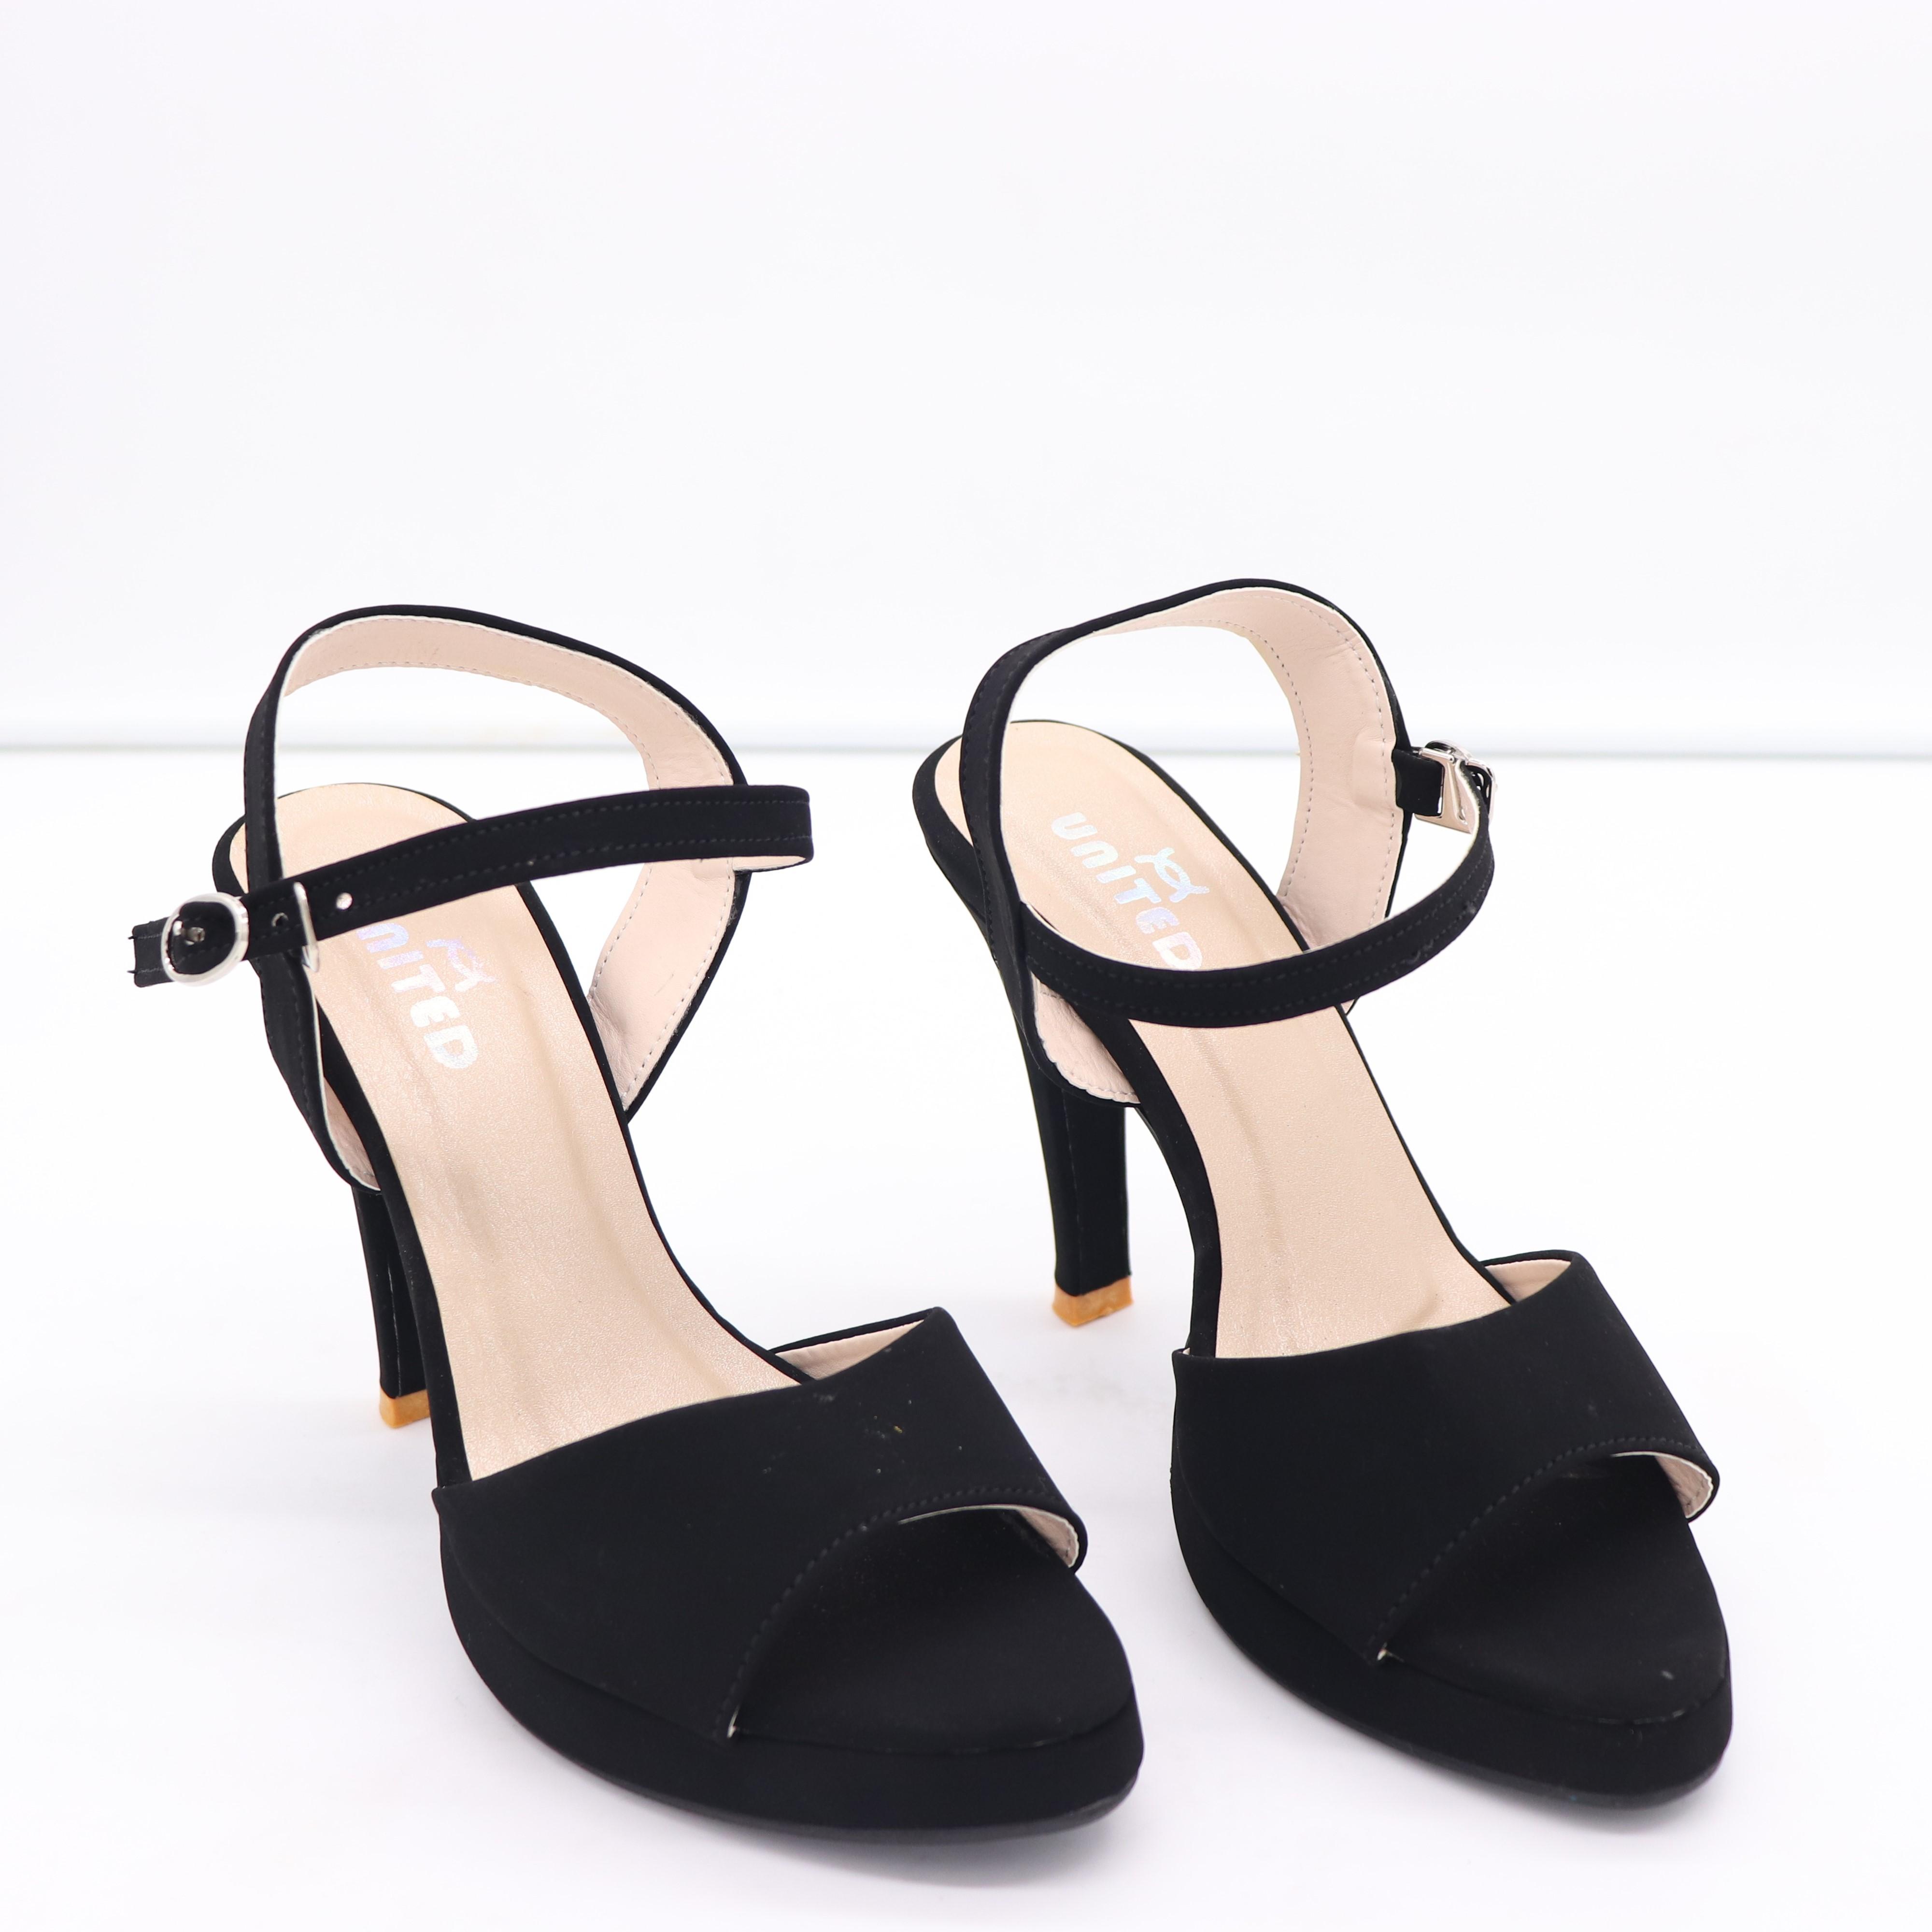 Black Pencil Heel Sandals: Buy Online